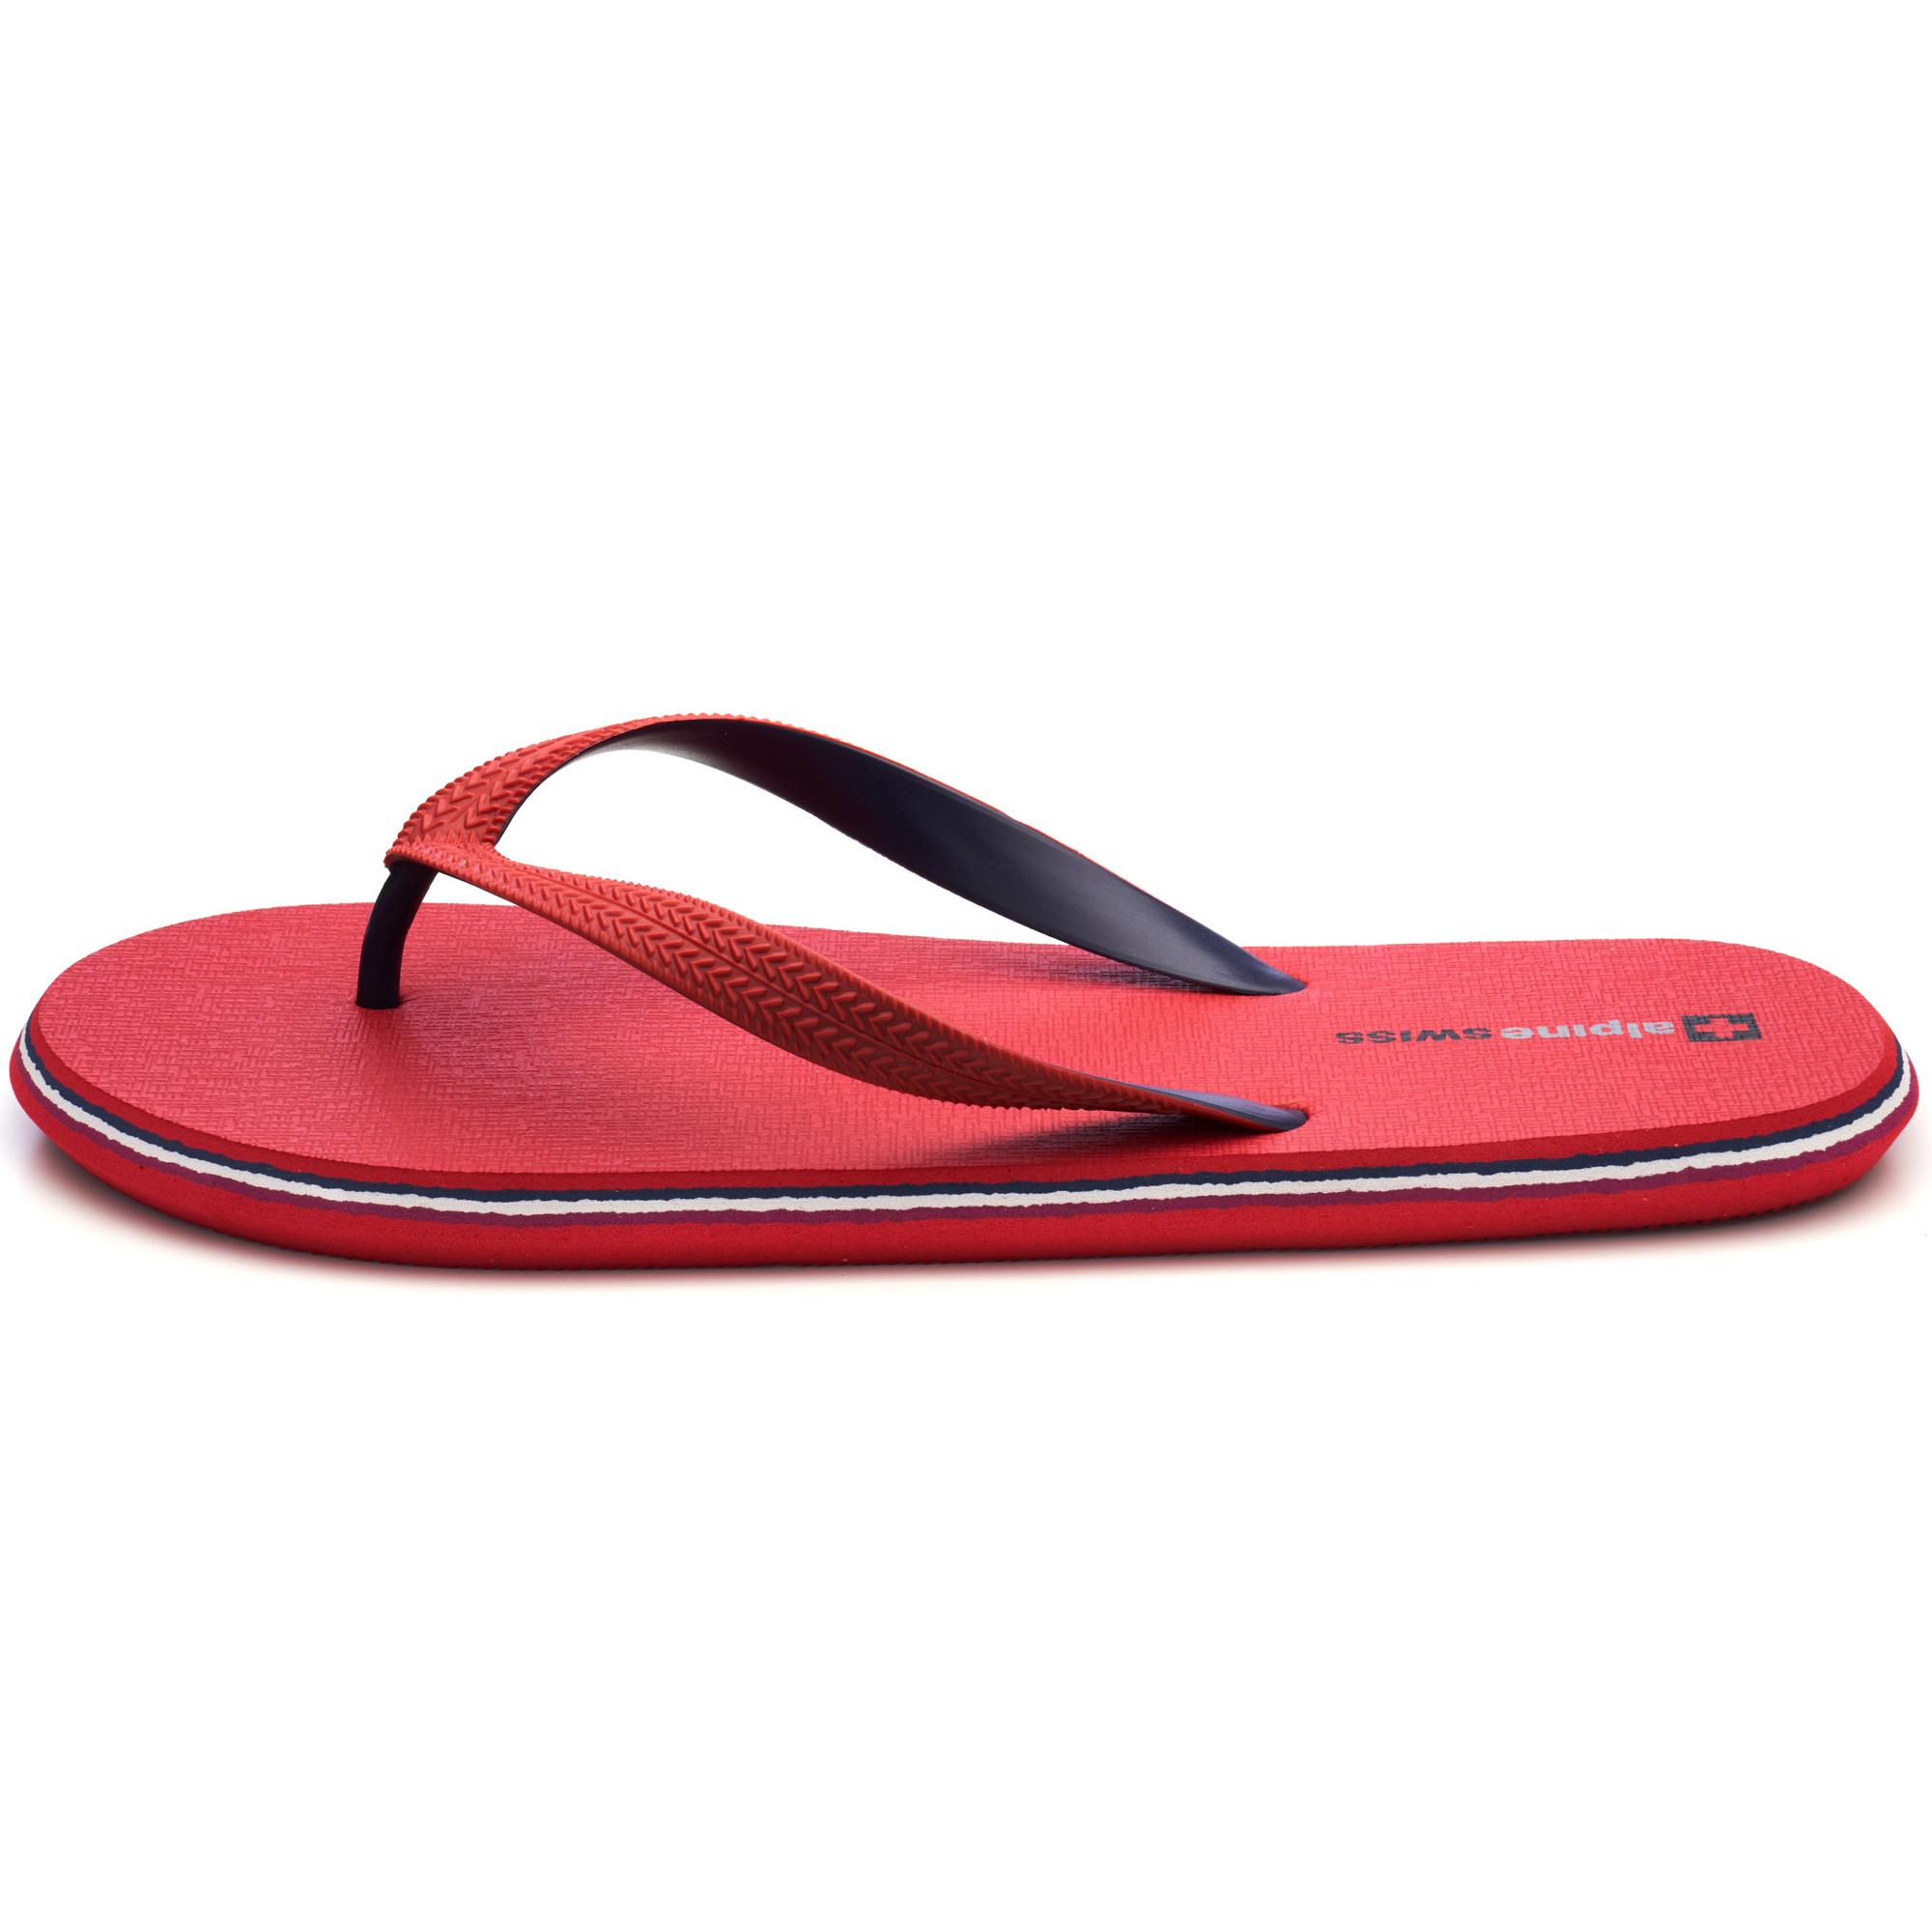 Alpine-Swiss-Mens-Flip-Flops-Beach-Sandals-Lightweight-EVA-Sole-Comfort-Thongs thumbnail 44